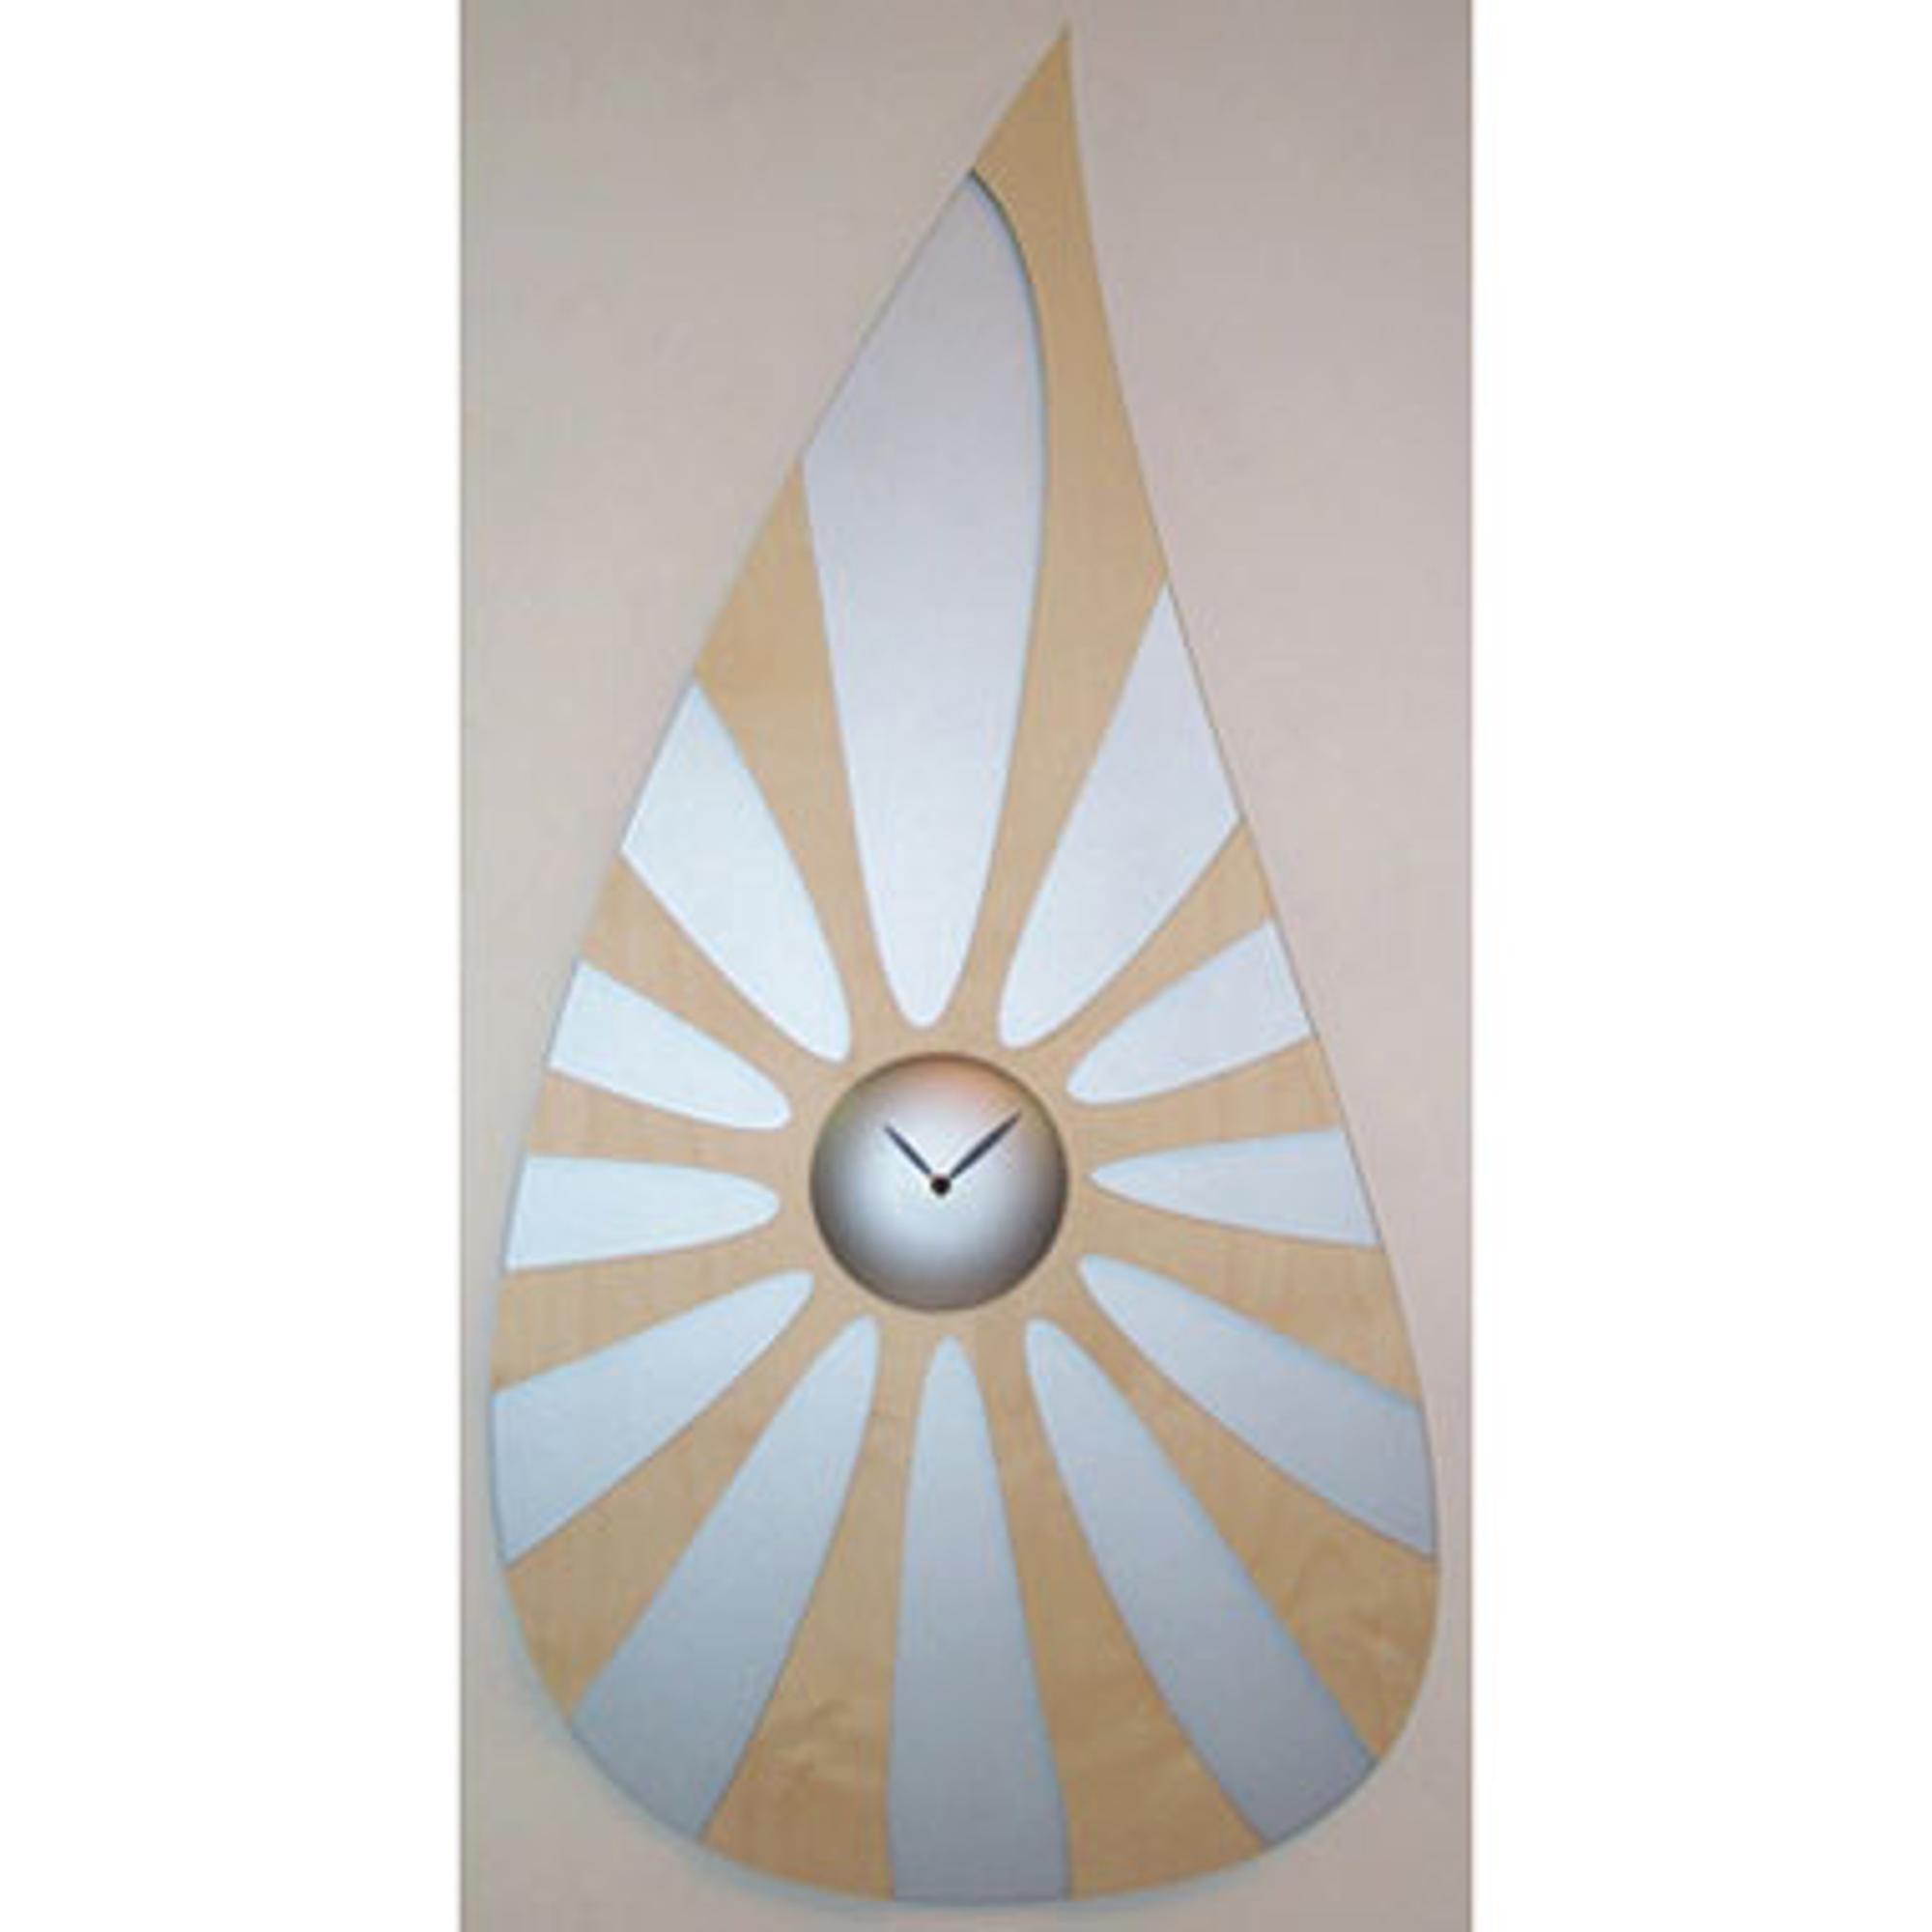 Soffitto Scuro Abbassa: Illuminazione volte a botte progetti ceramic ...